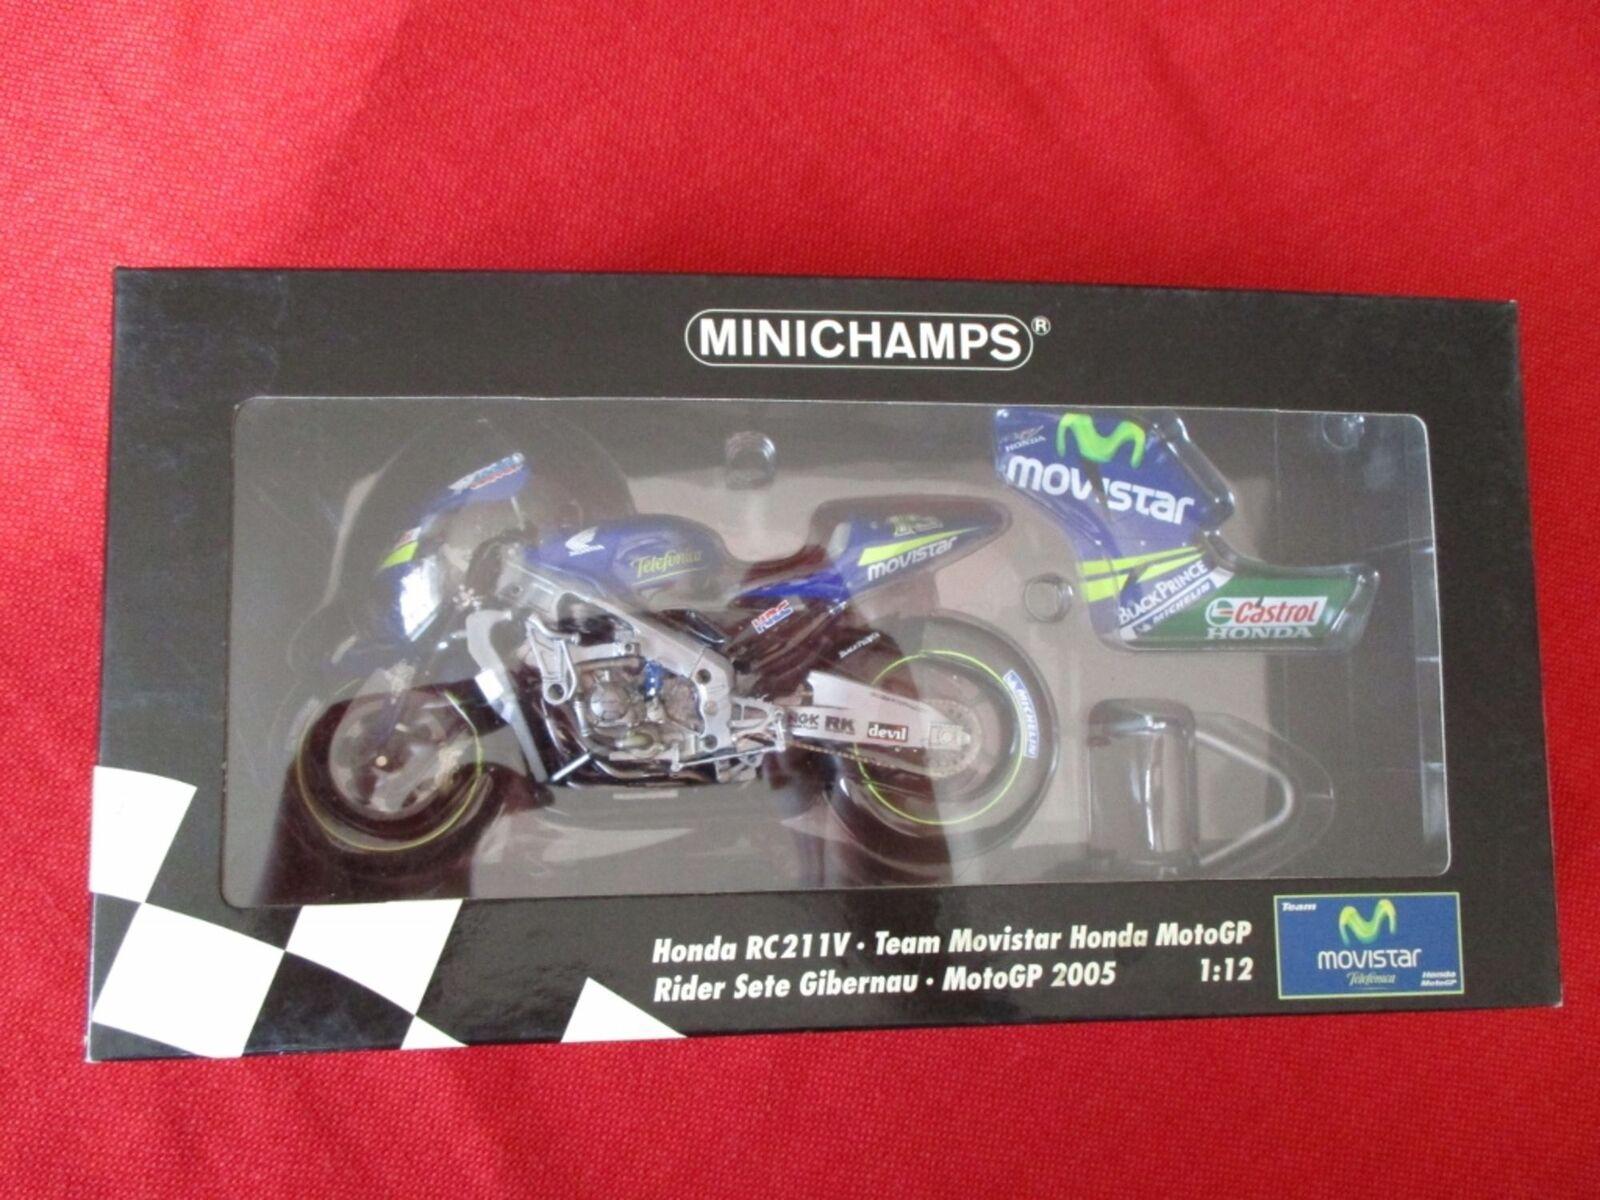 Minichamps ® 122 051015 1 12 honda rc211v sete gibernau motogp 2005 nuevo embalaje original